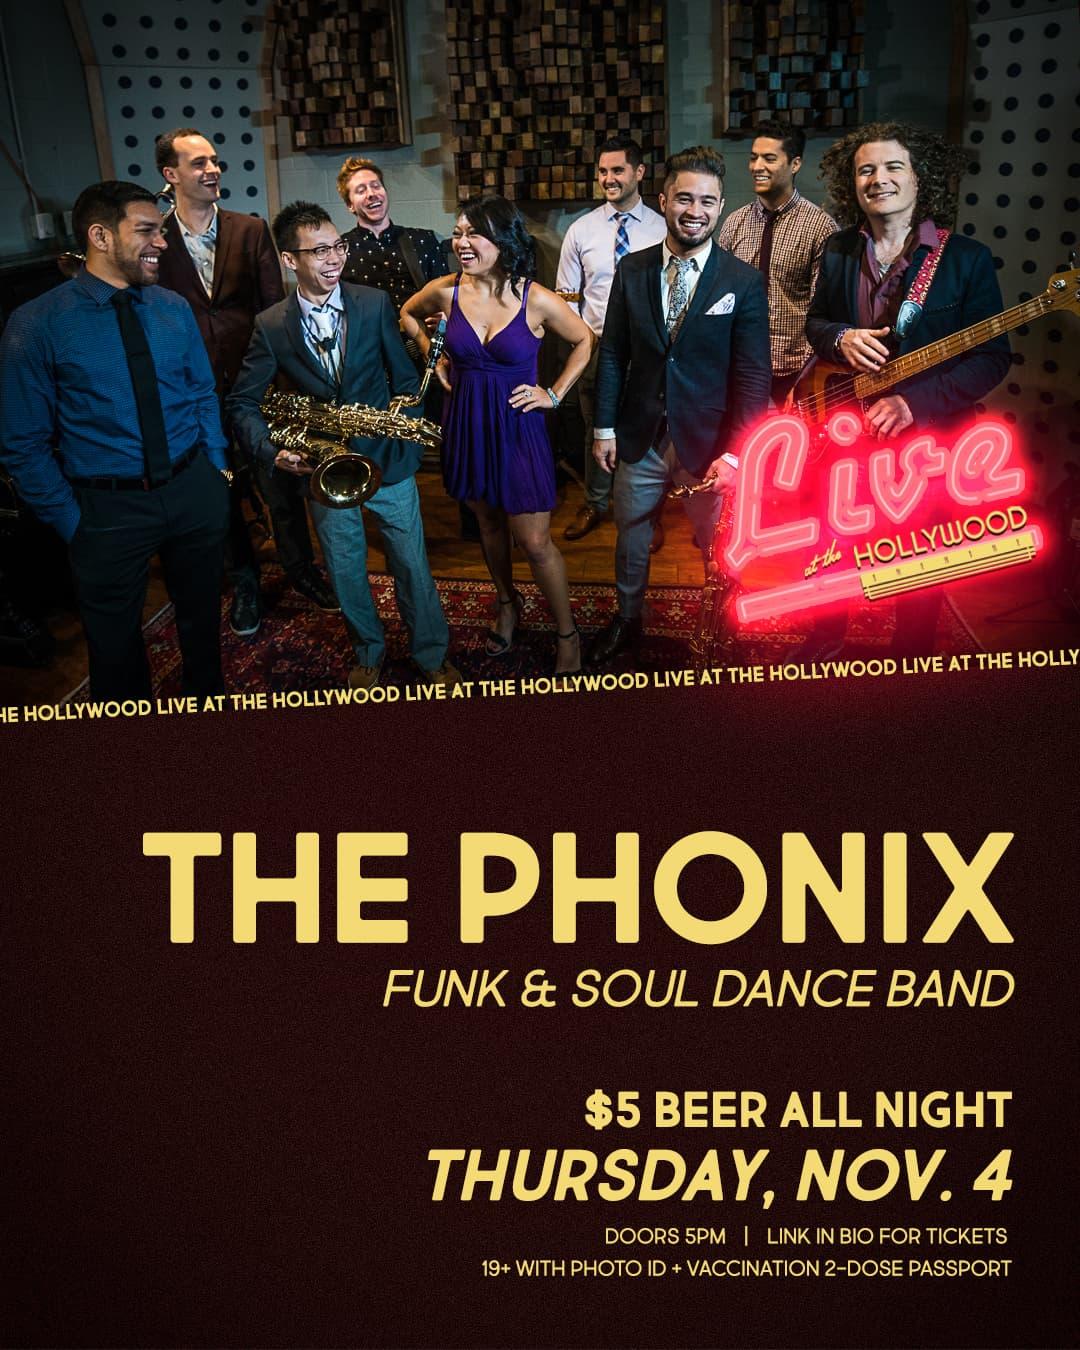 THE PHONIX - Funk & Soul Dance Band